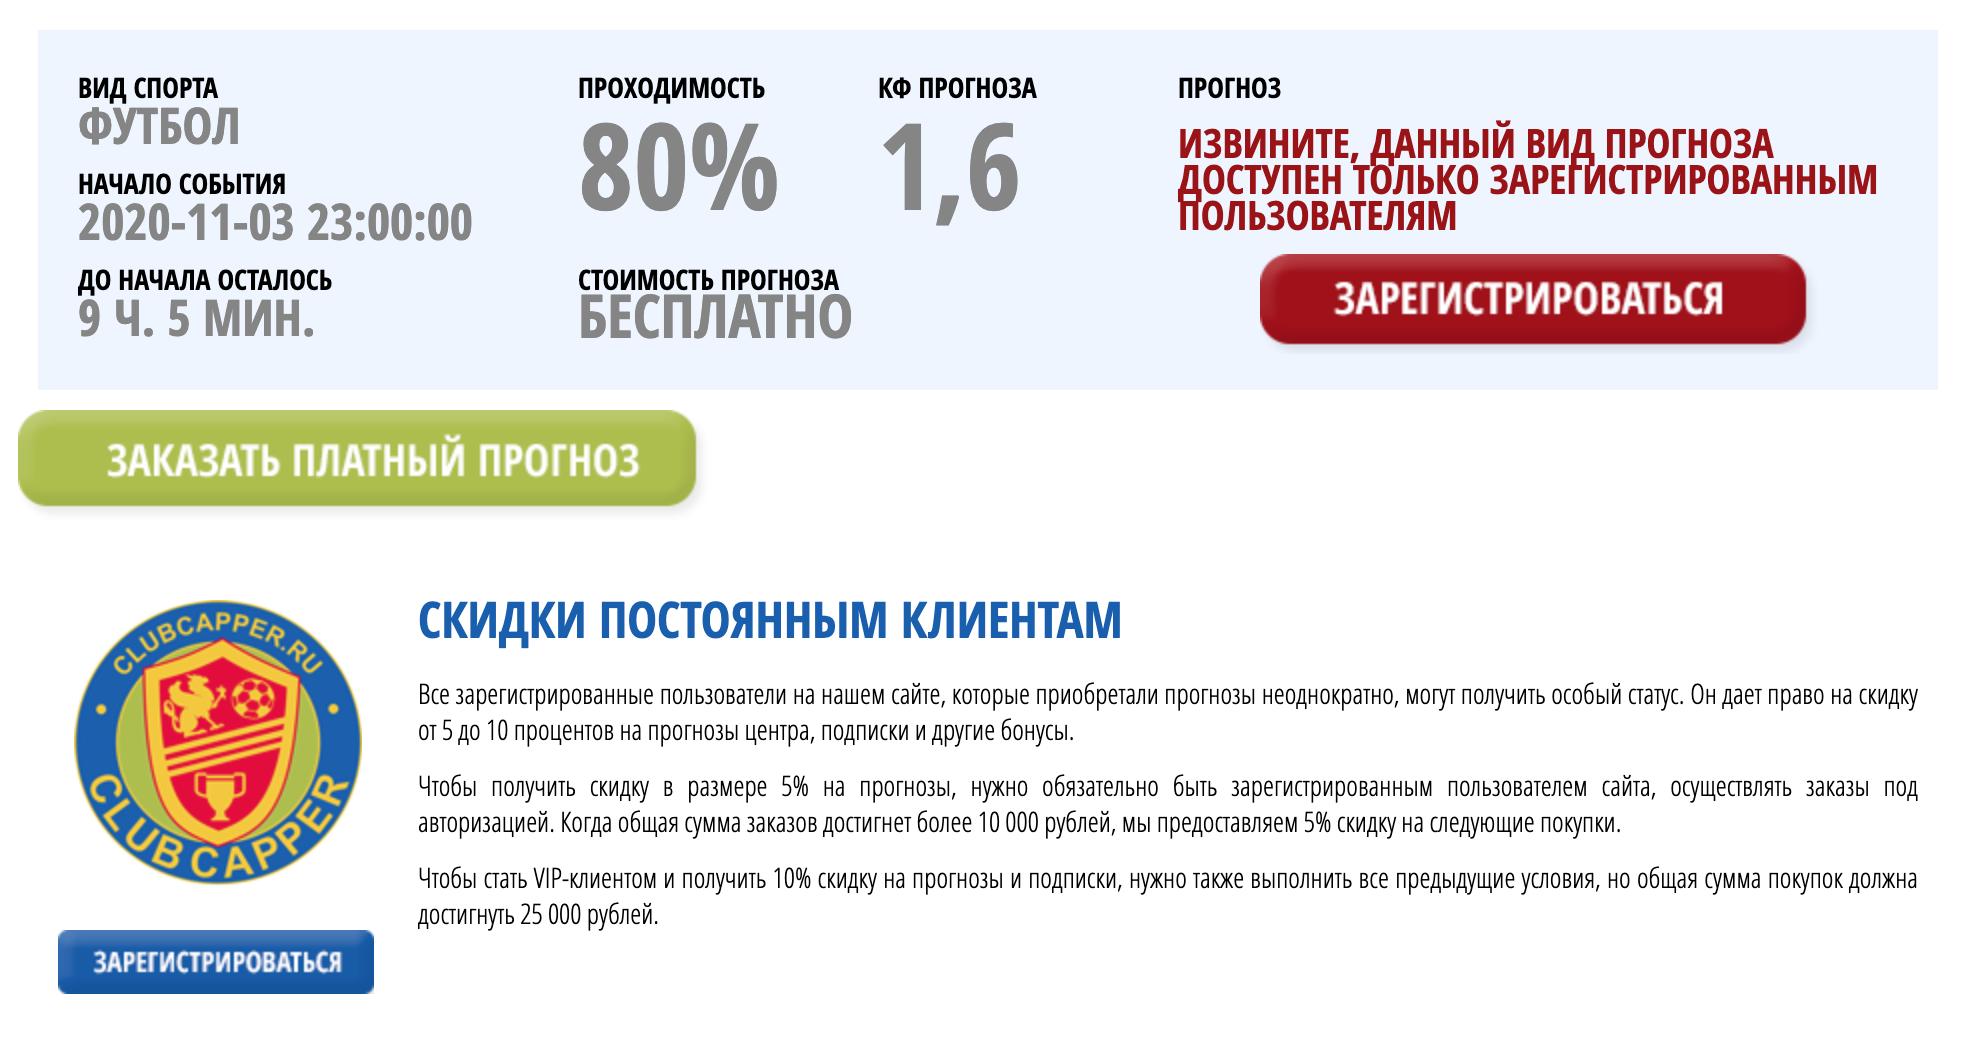 Бесплатные прогнозы от ClubCapper ru (Клубкаппер)